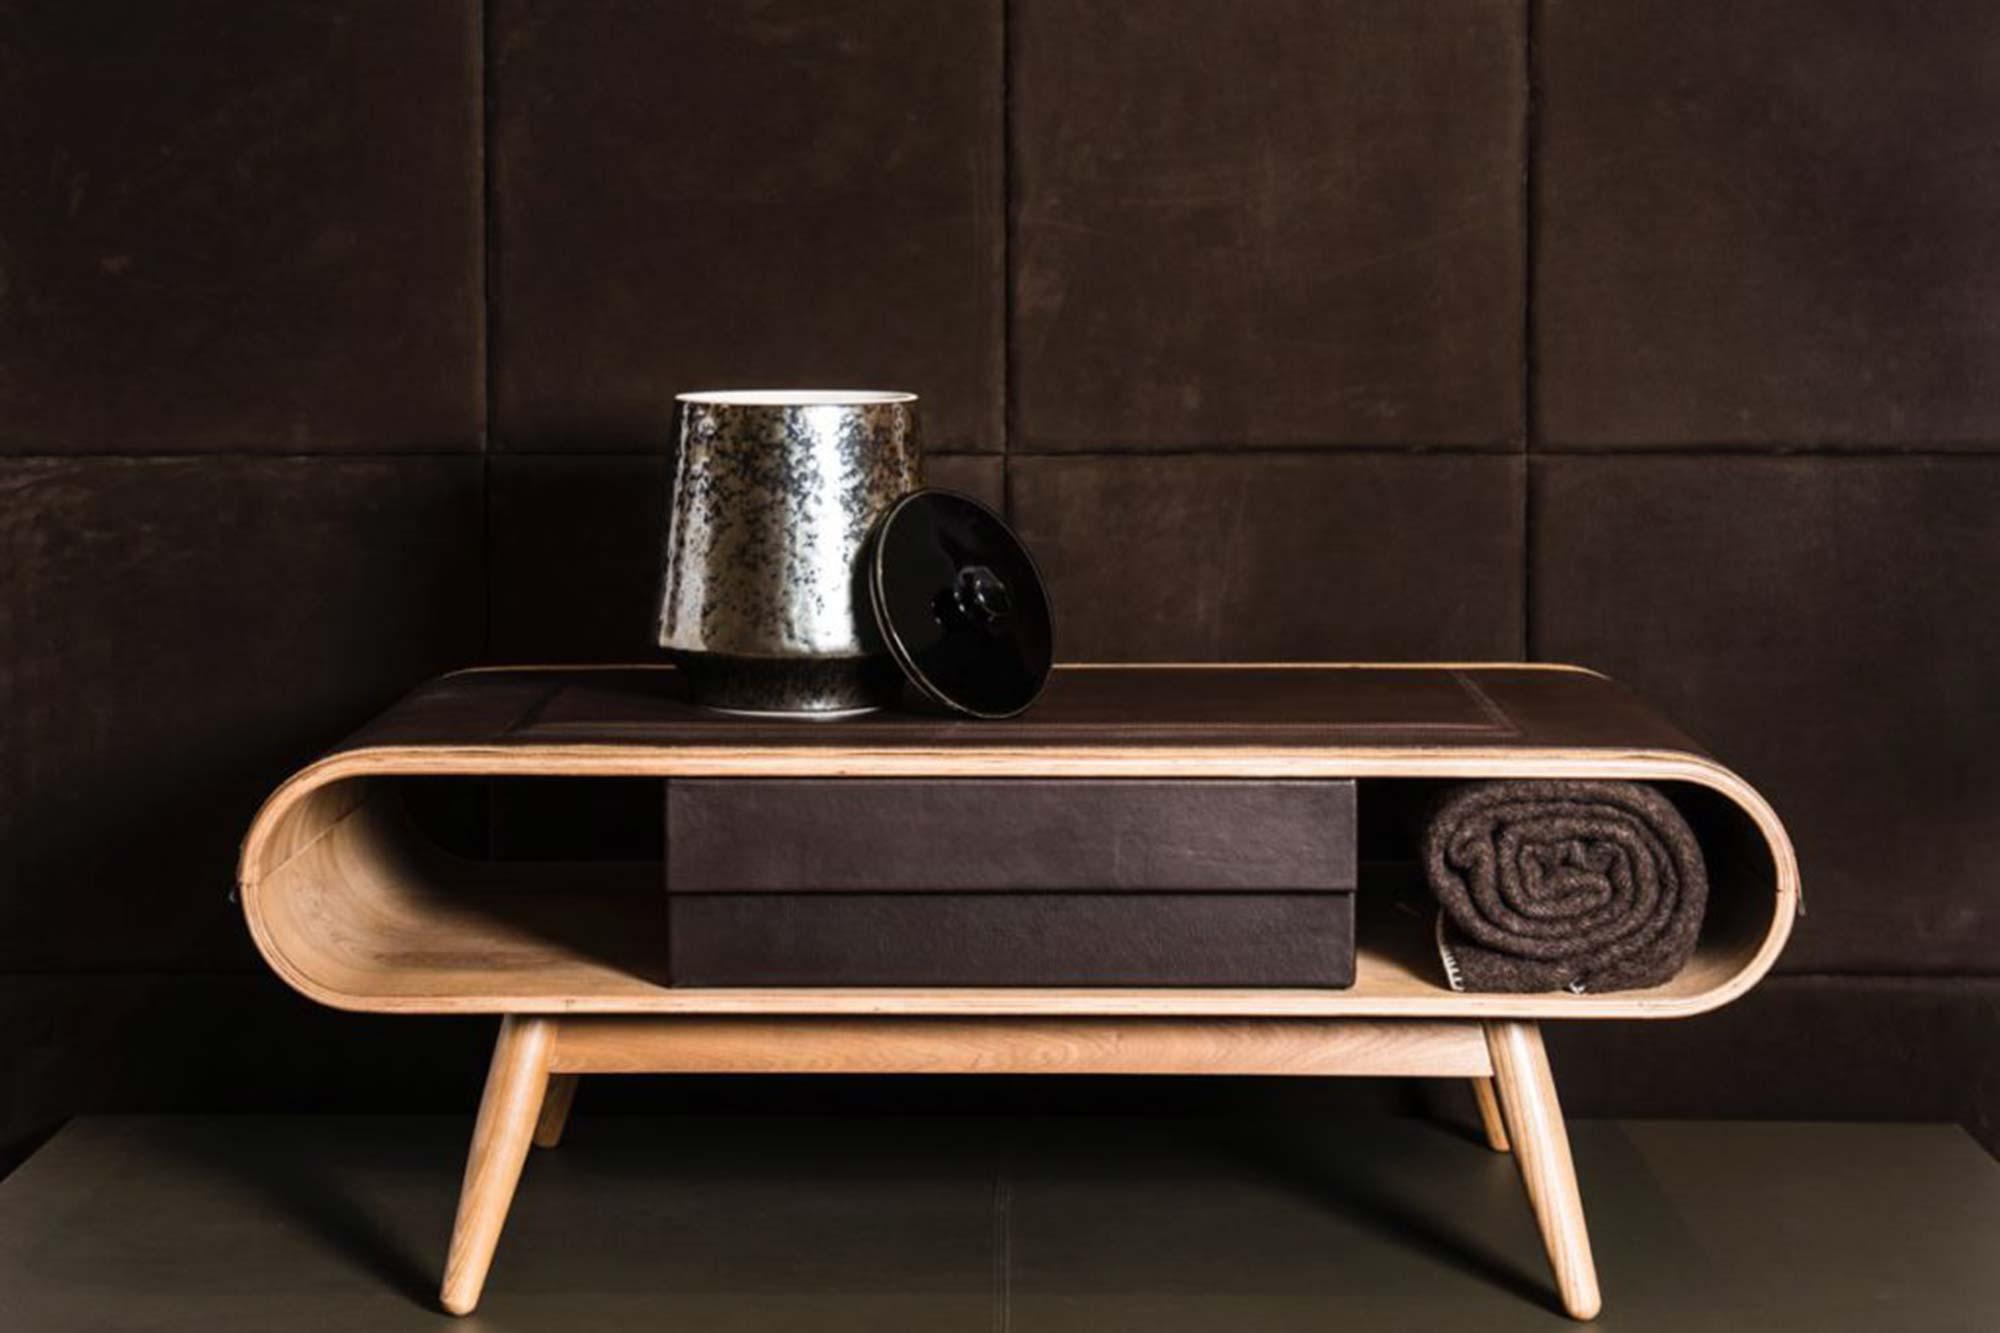 Table Basse en chêne et cuir marron